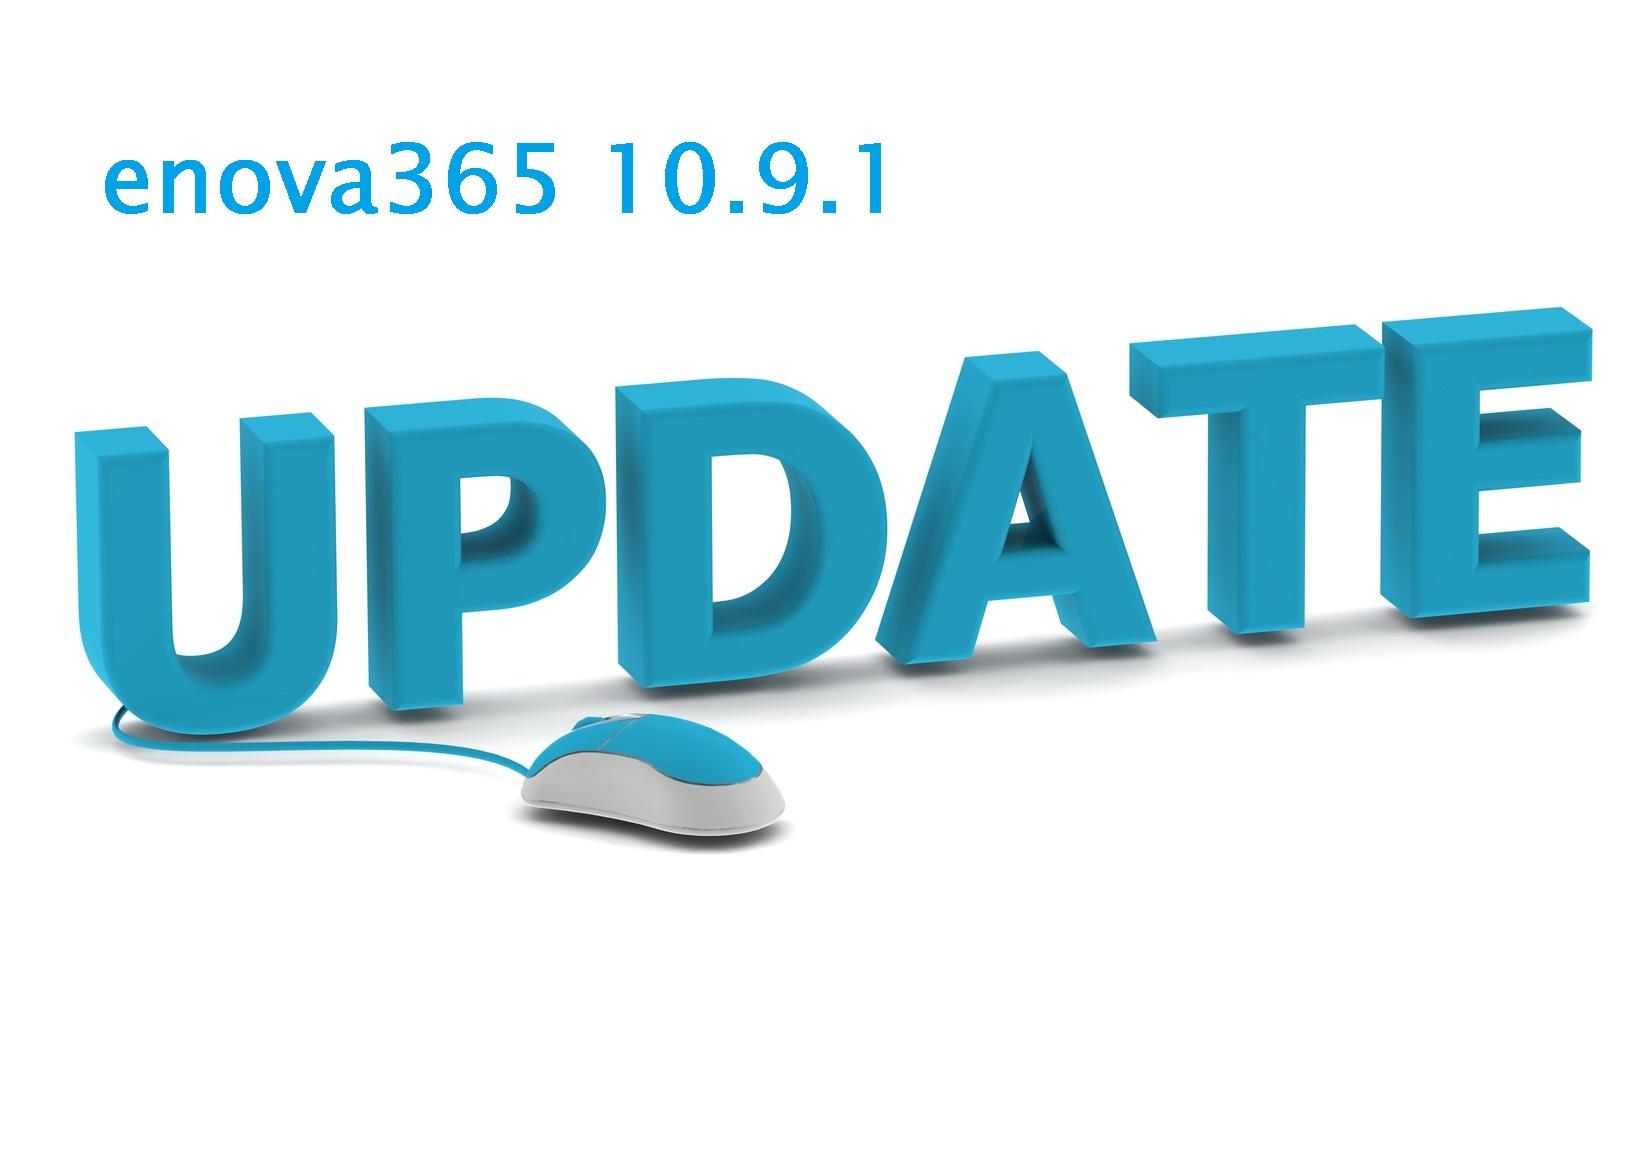 enova 10.9.5681 - nowa wersja